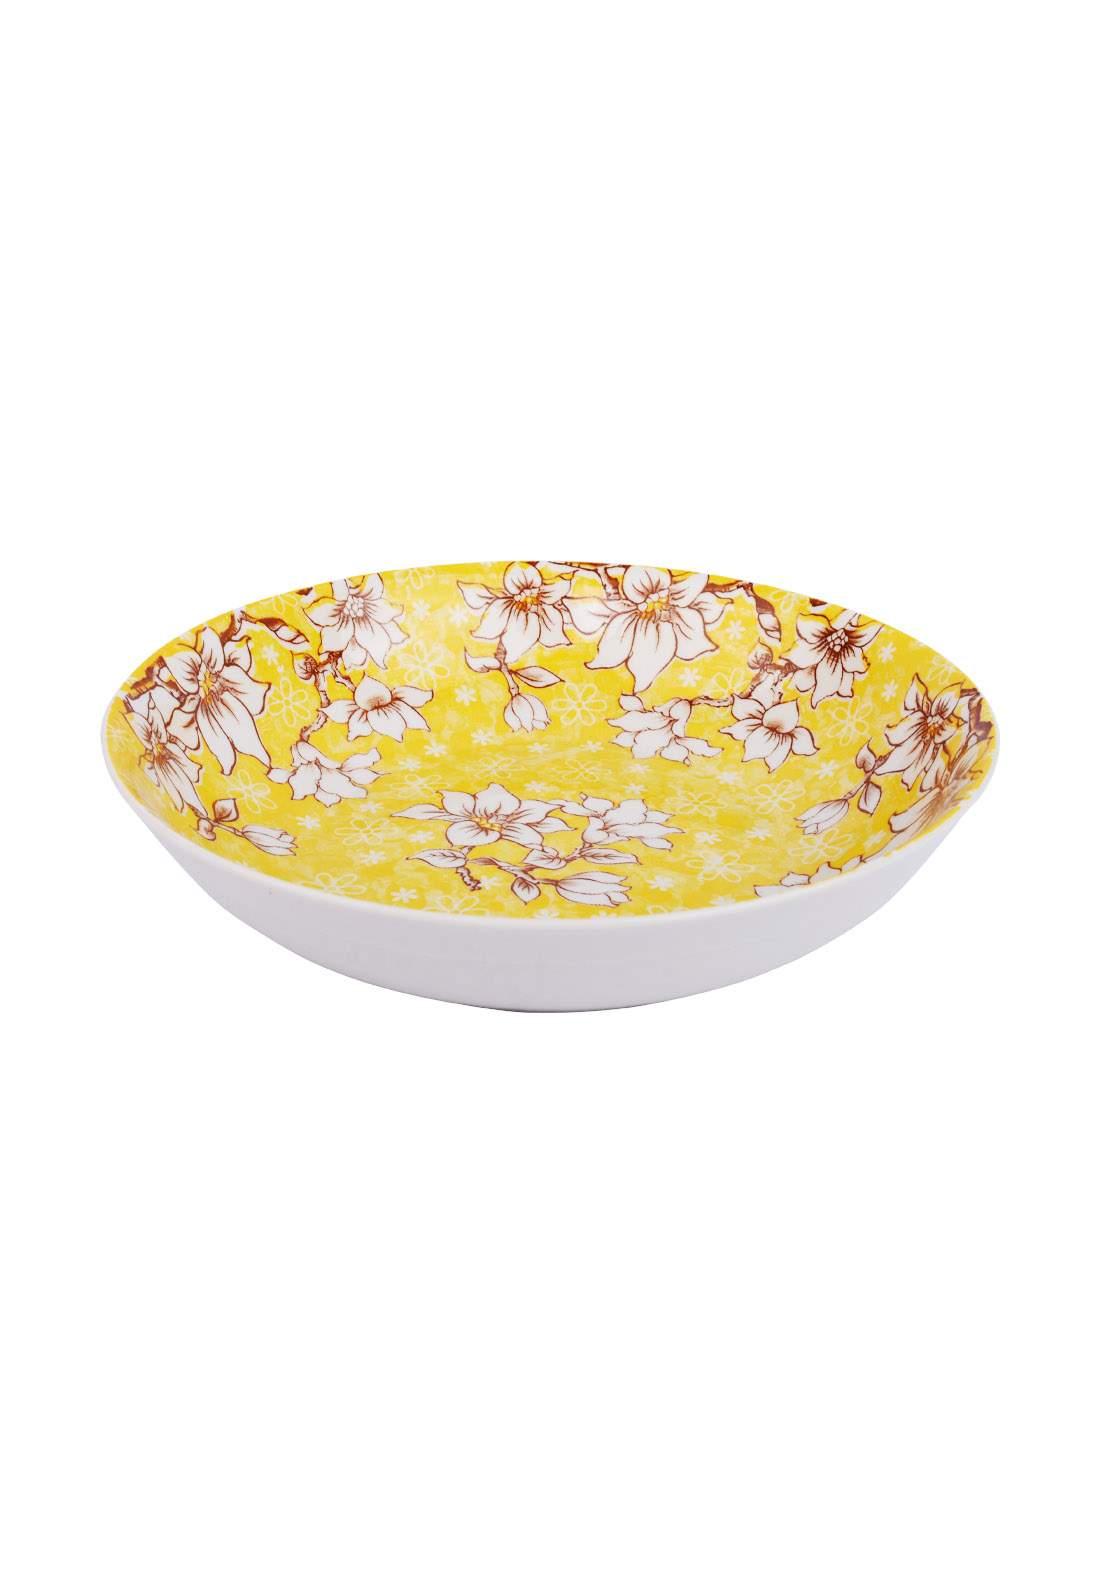 وعاء سيراميك قطعة واحدة اصفر اللون